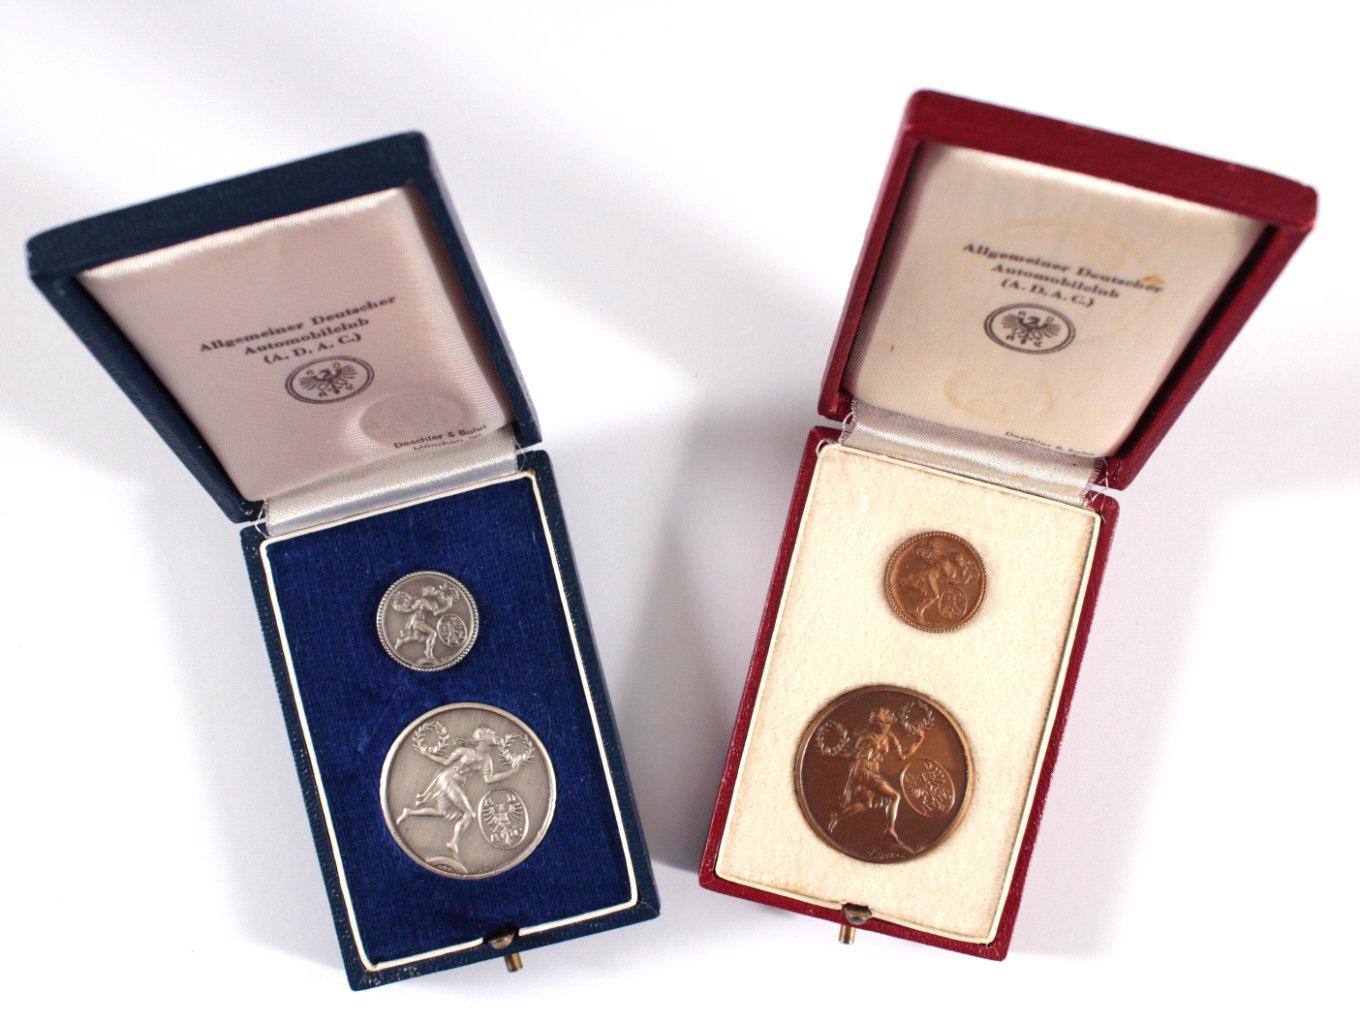 ADAC Verdienstmedaille und Ehrennadel im Etui-2